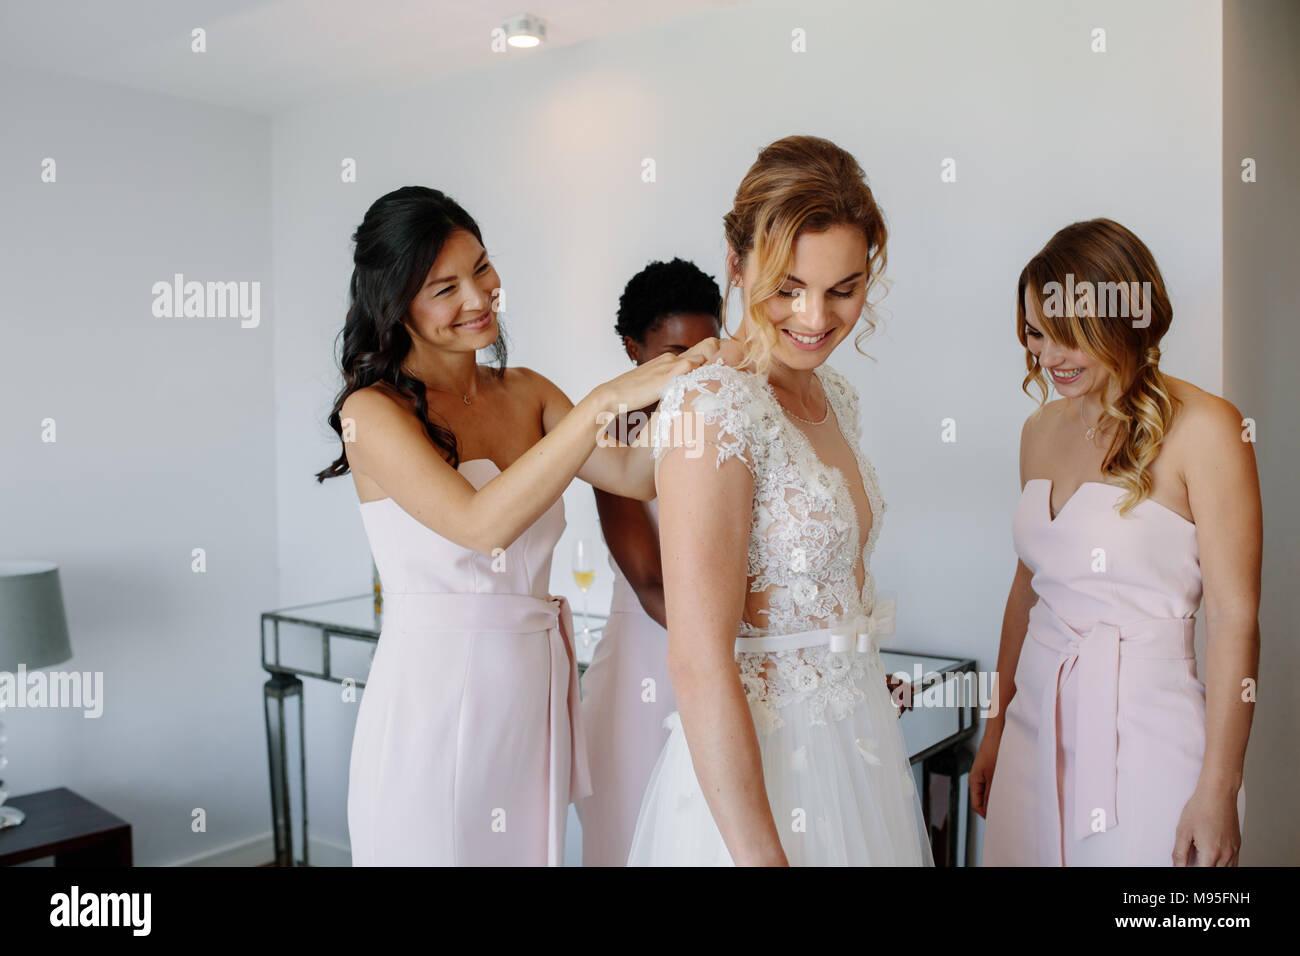 Großartig Babyklagen Für Hochzeiten Ideen - Brautkleider Ideen ...